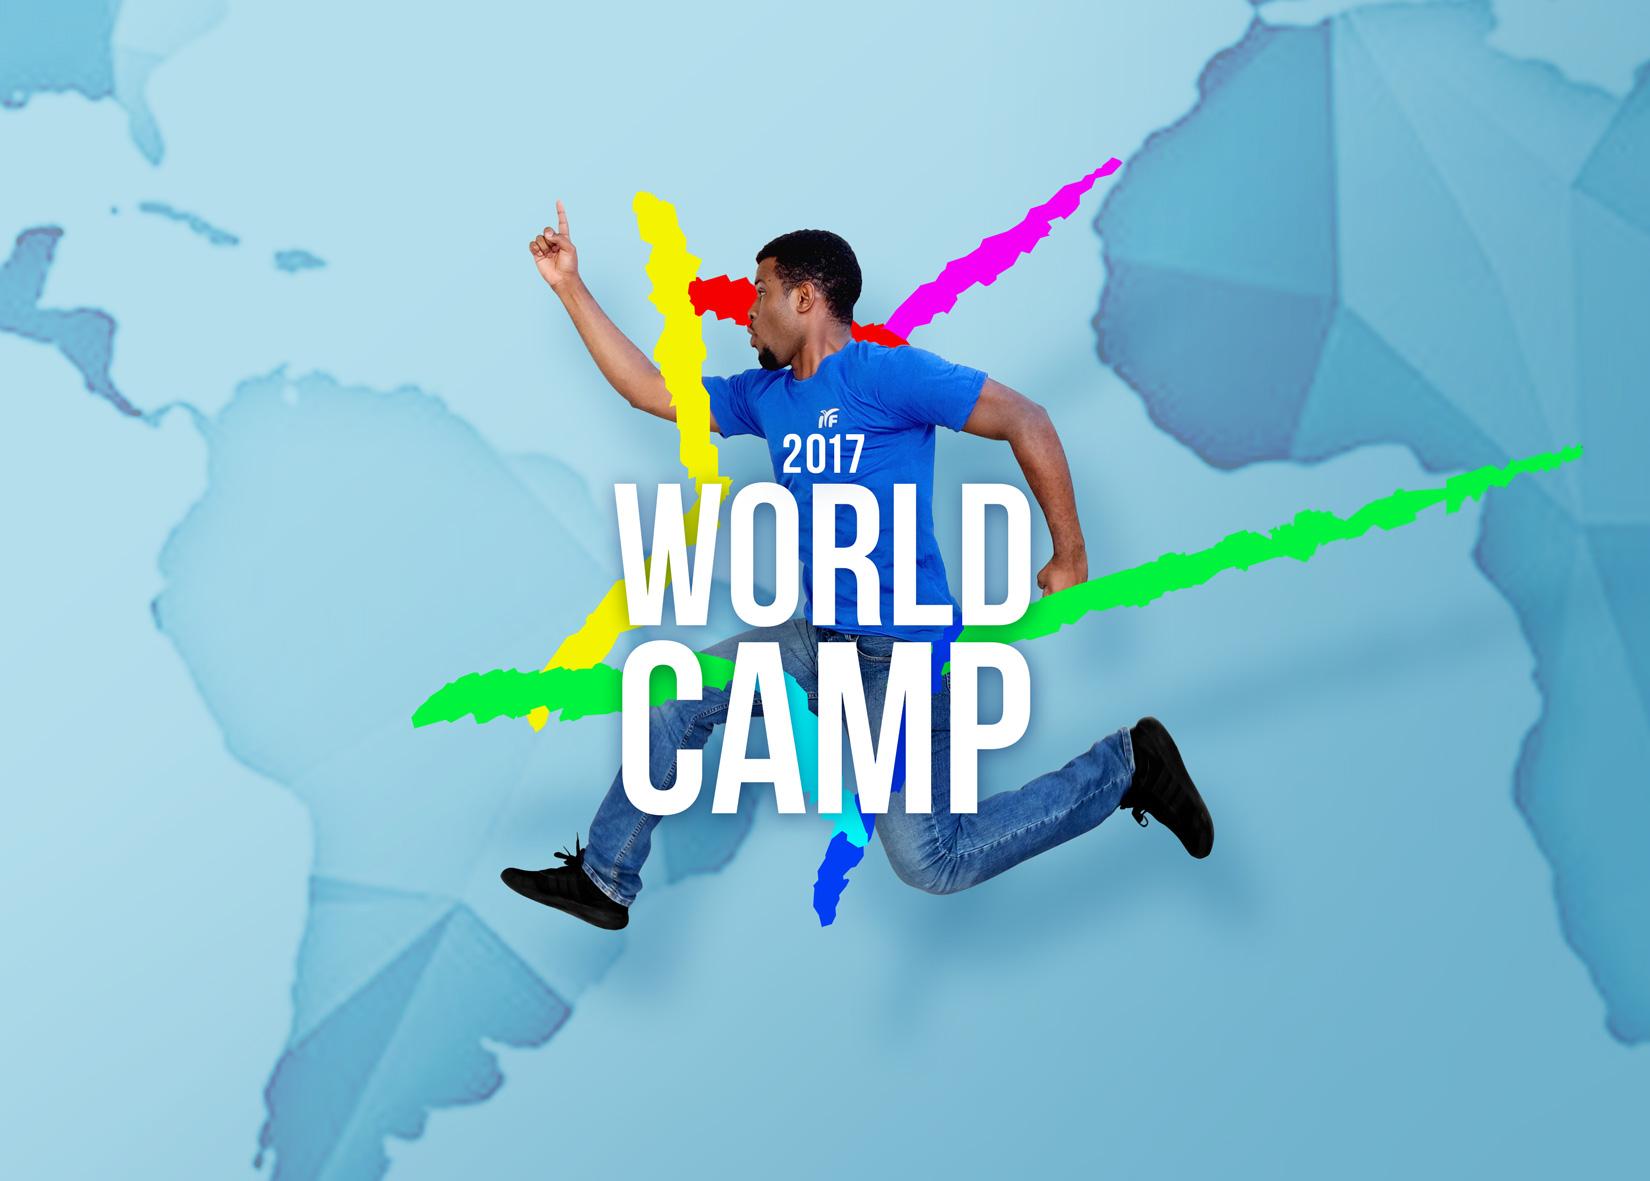 world-camp-image 1